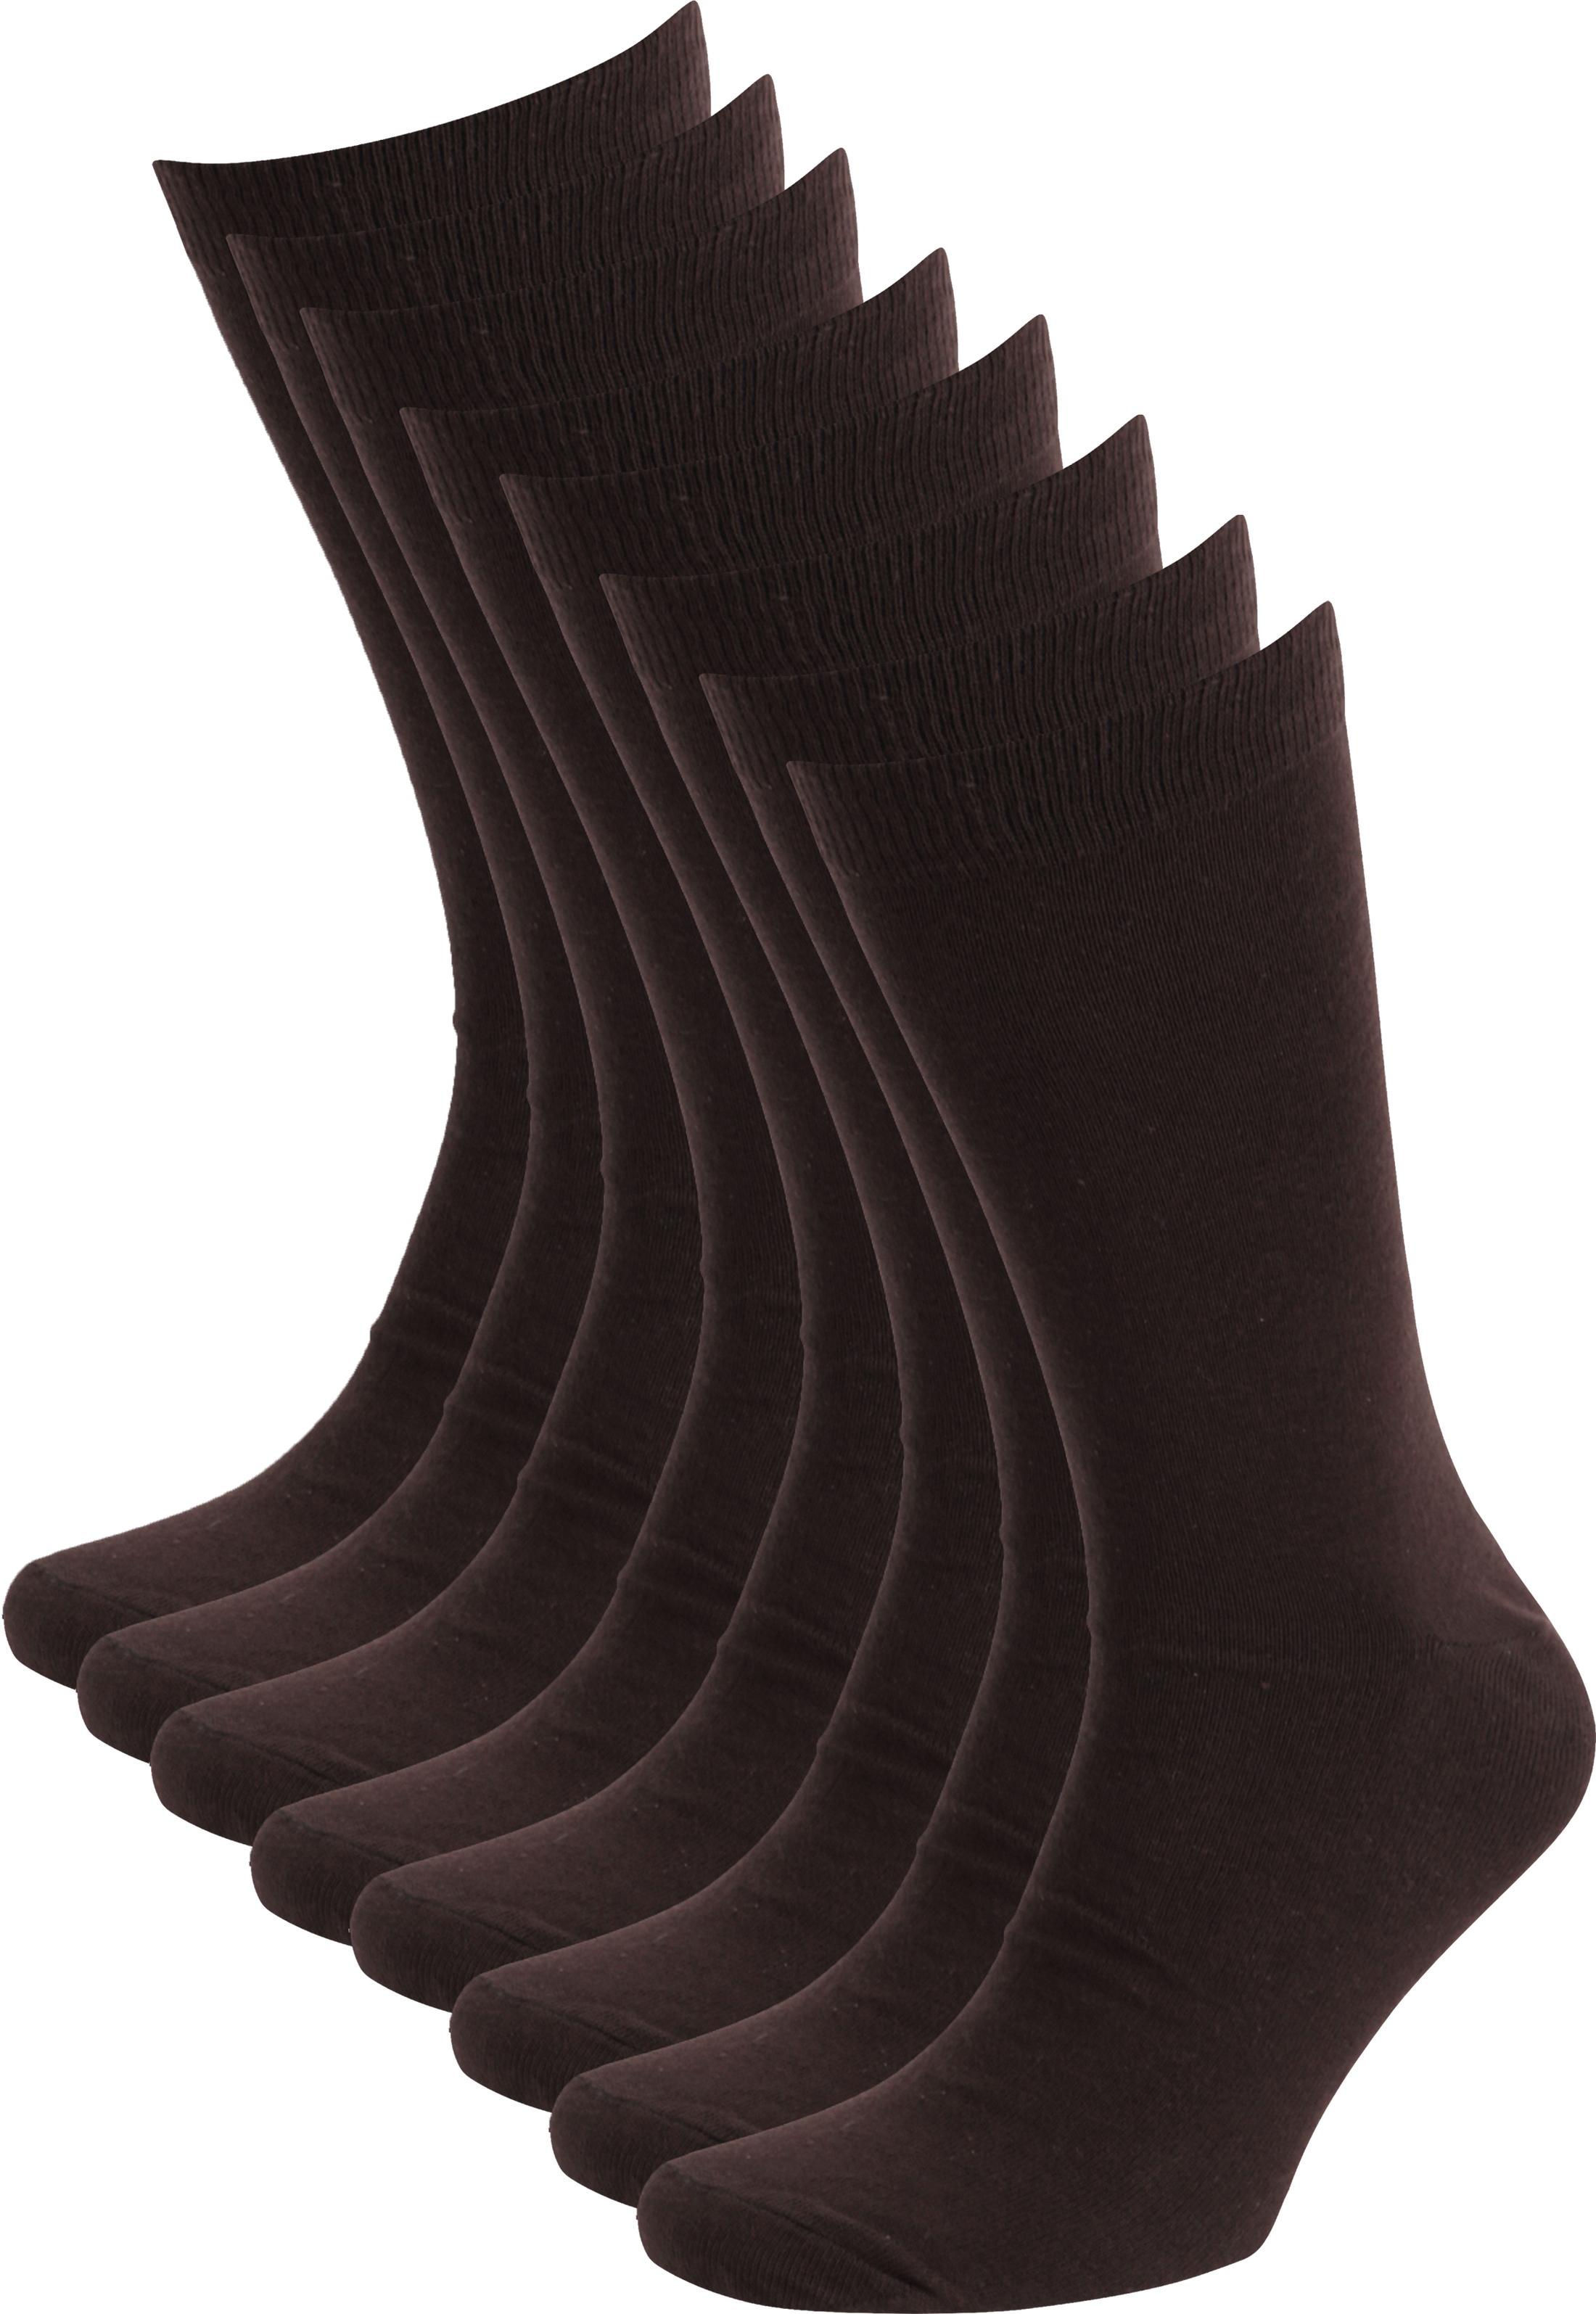 Suitable Sokken Bruin 8-Pack foto 0